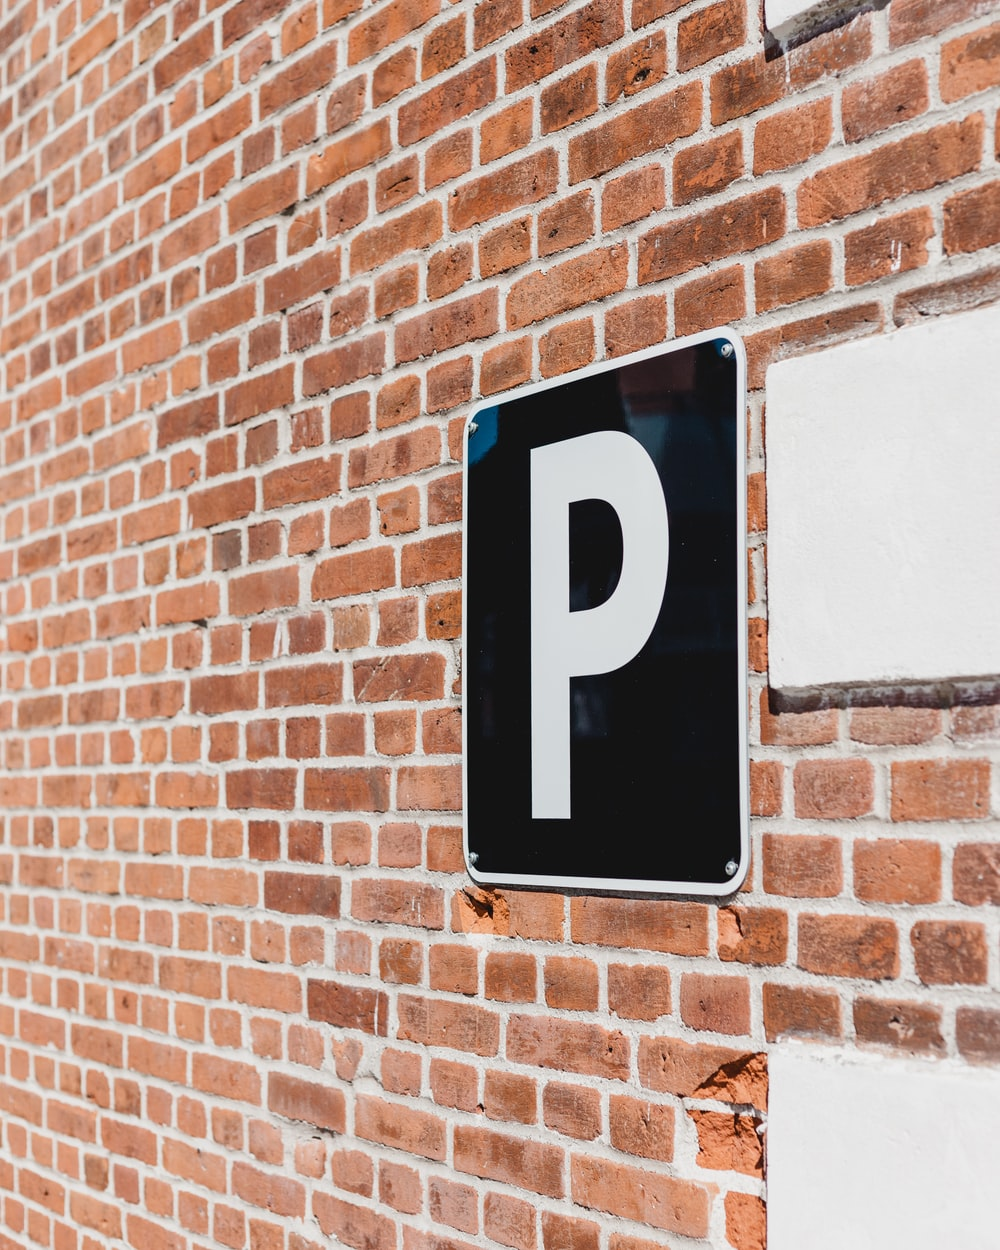 photo of parking signage